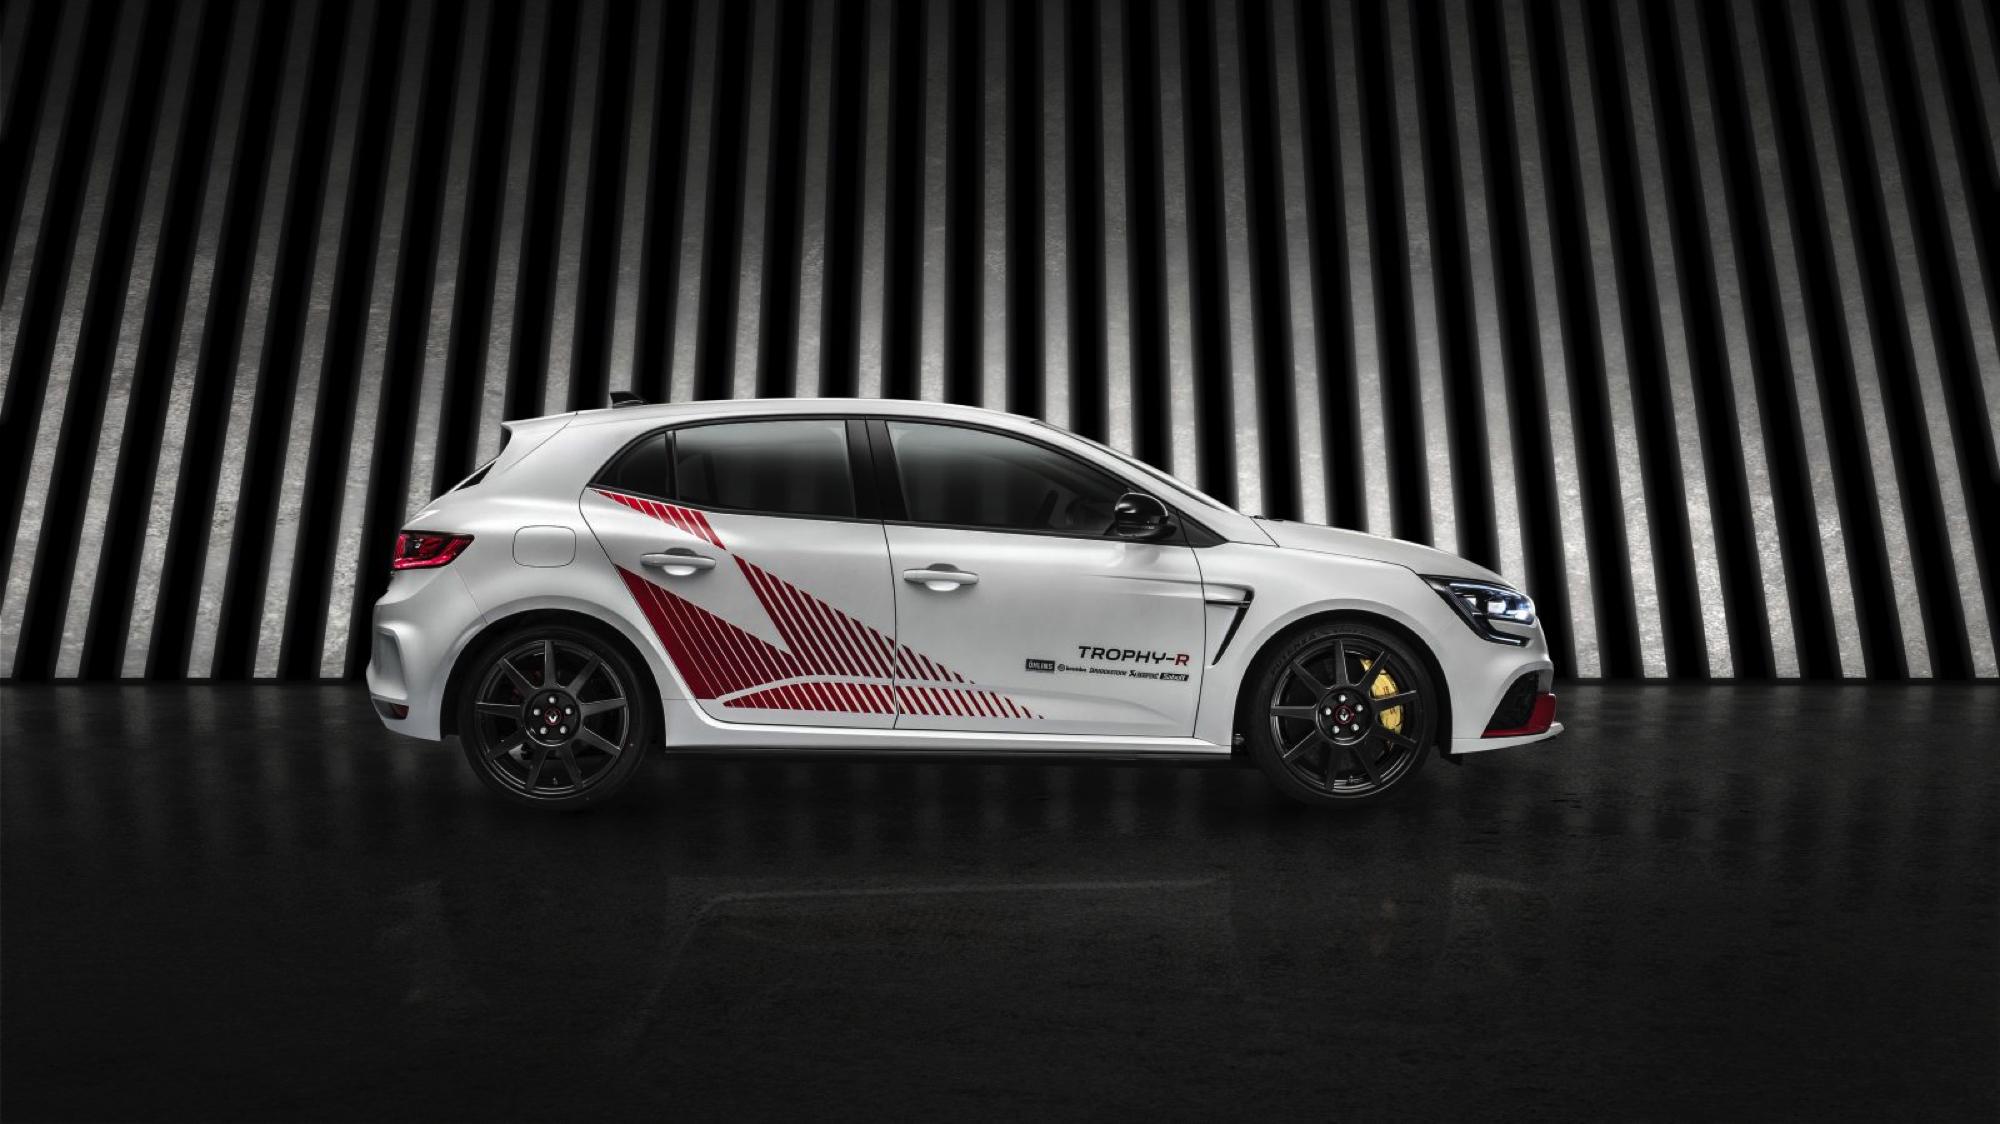 Renault Megane Trophy-R